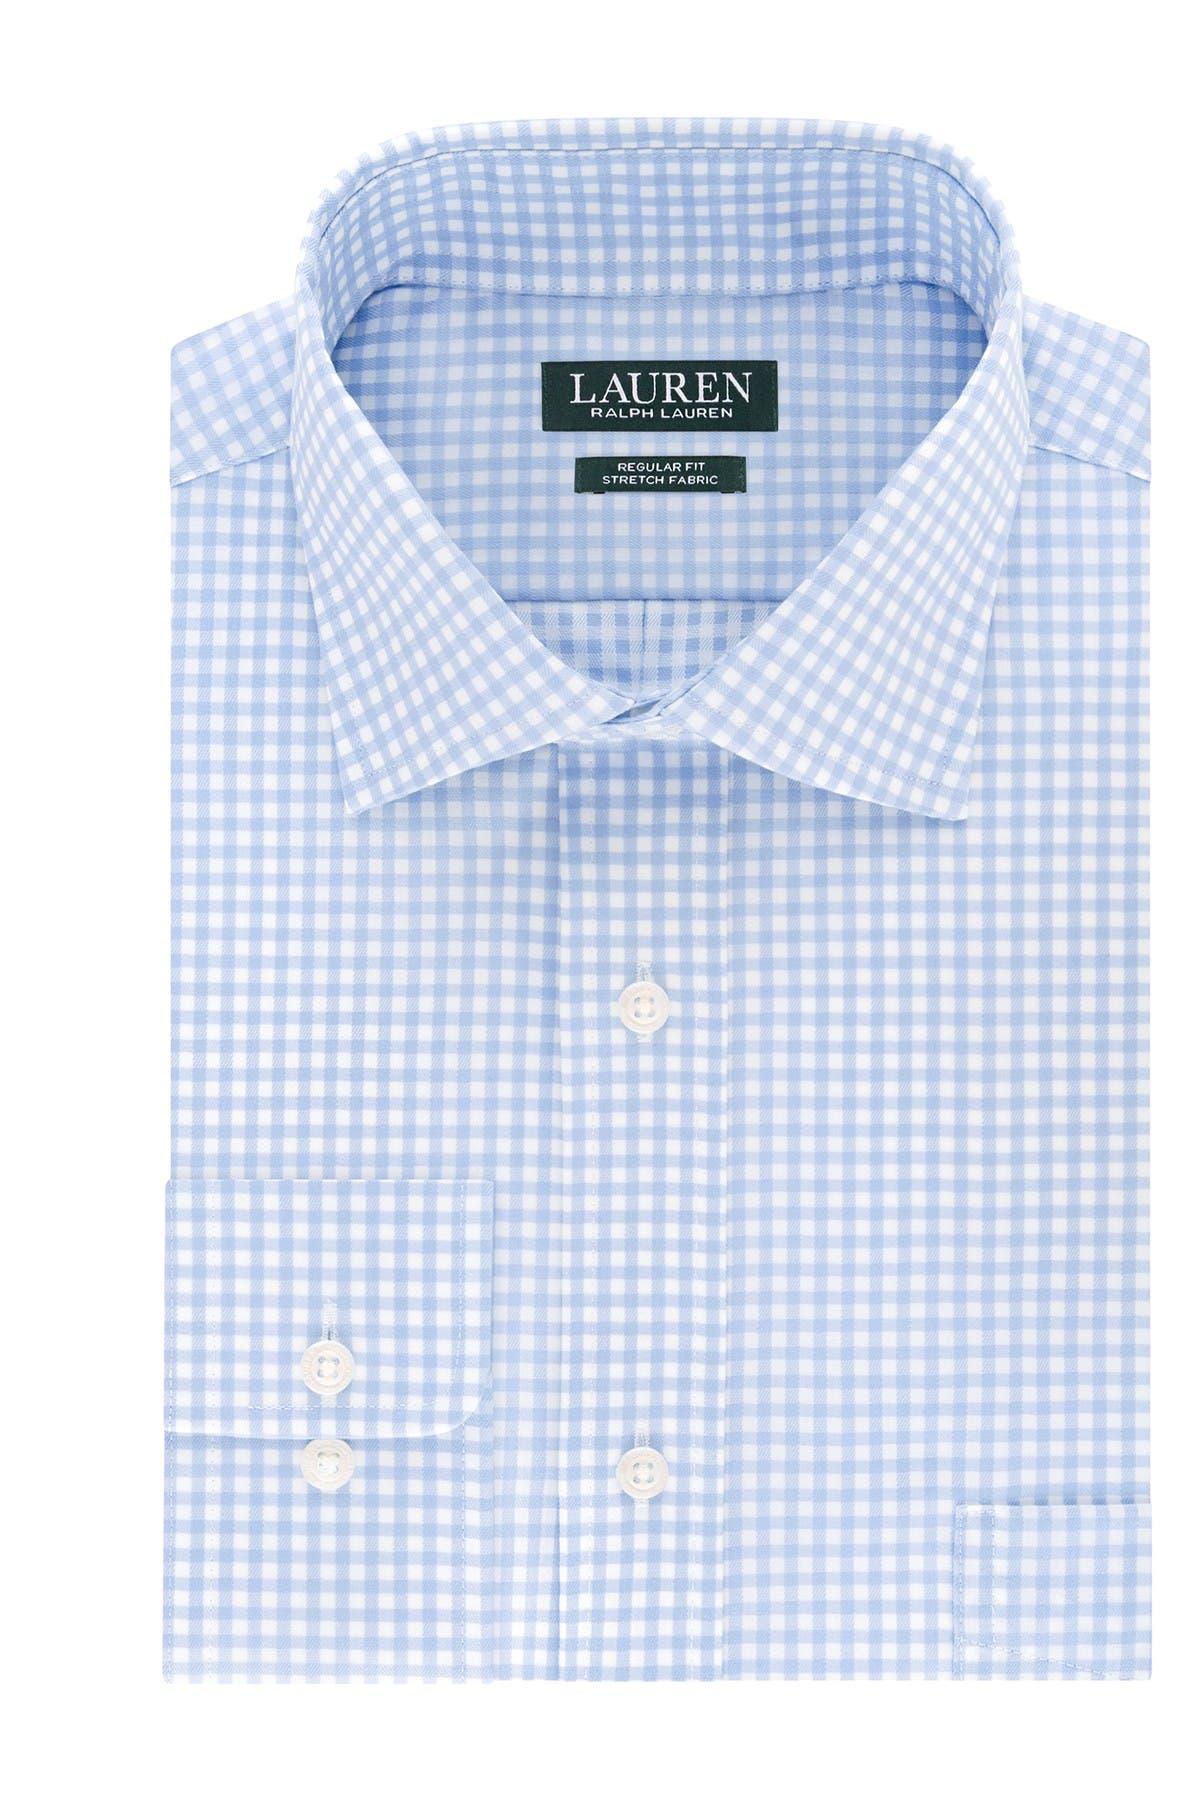 Image of Lauren Ralph Lauren Regular Fit Stretch Check Dress Shirt